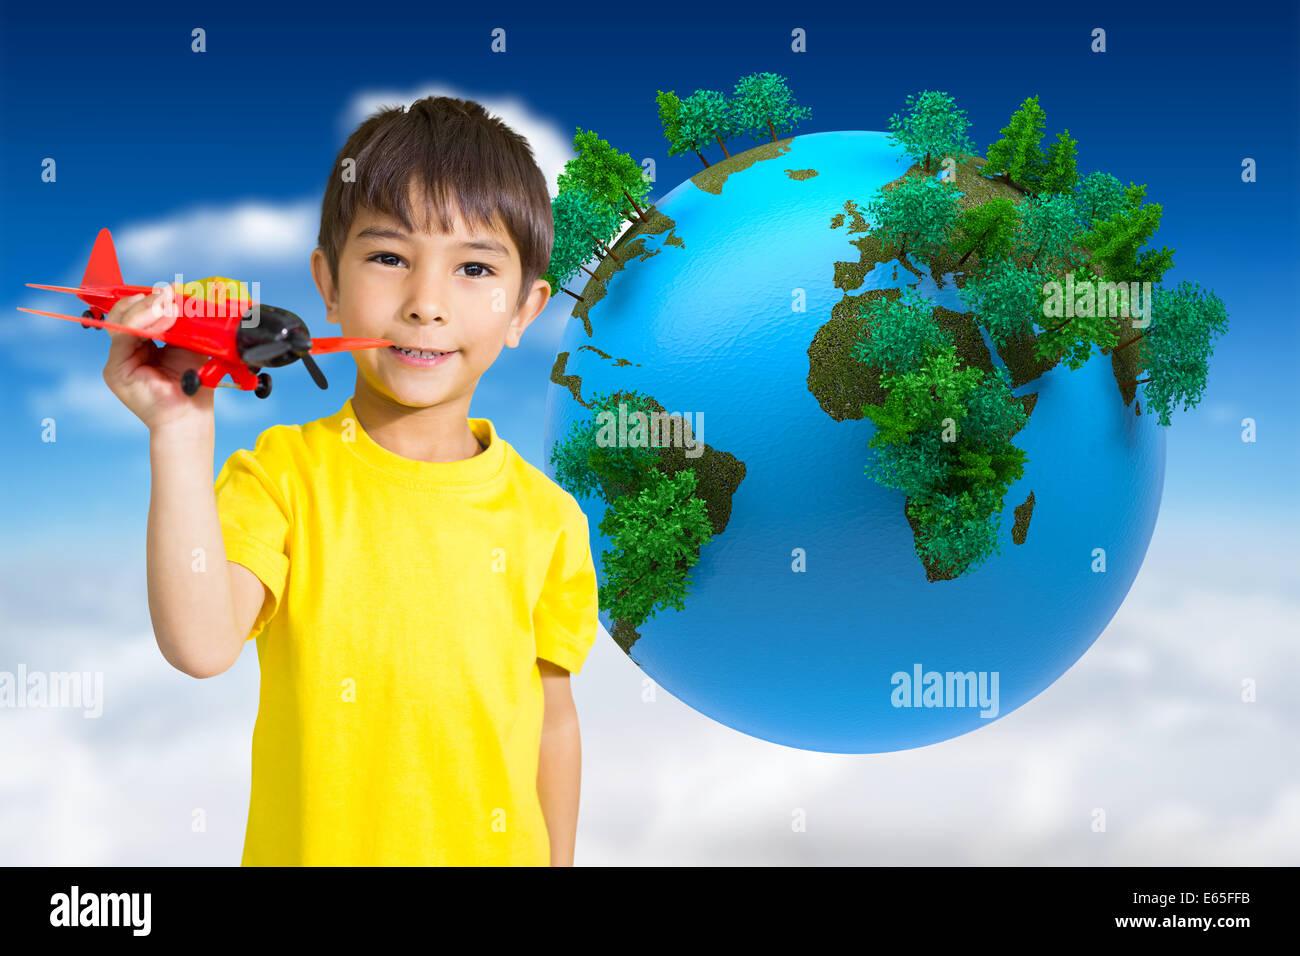 Zusammengesetztes Bild des netten jungen spielen mit Spielzeugflugzeug Stockbild